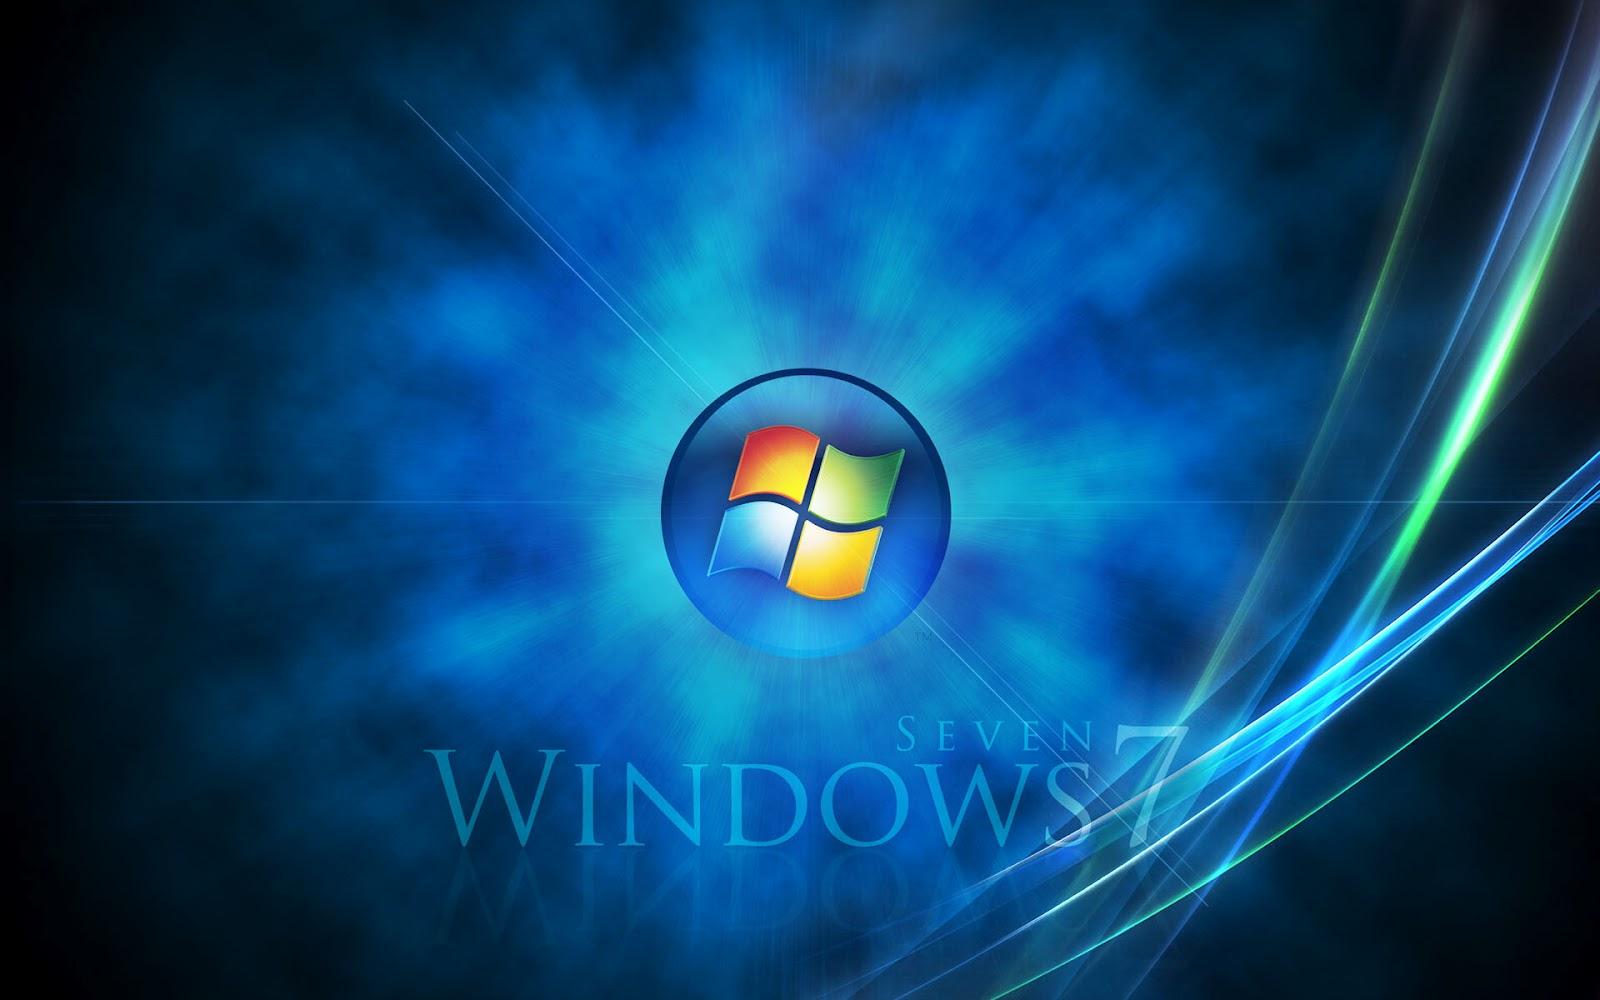 wallpapers Windows 7 Desktop Backgrounds Desktop Backgrounds 1600x1000